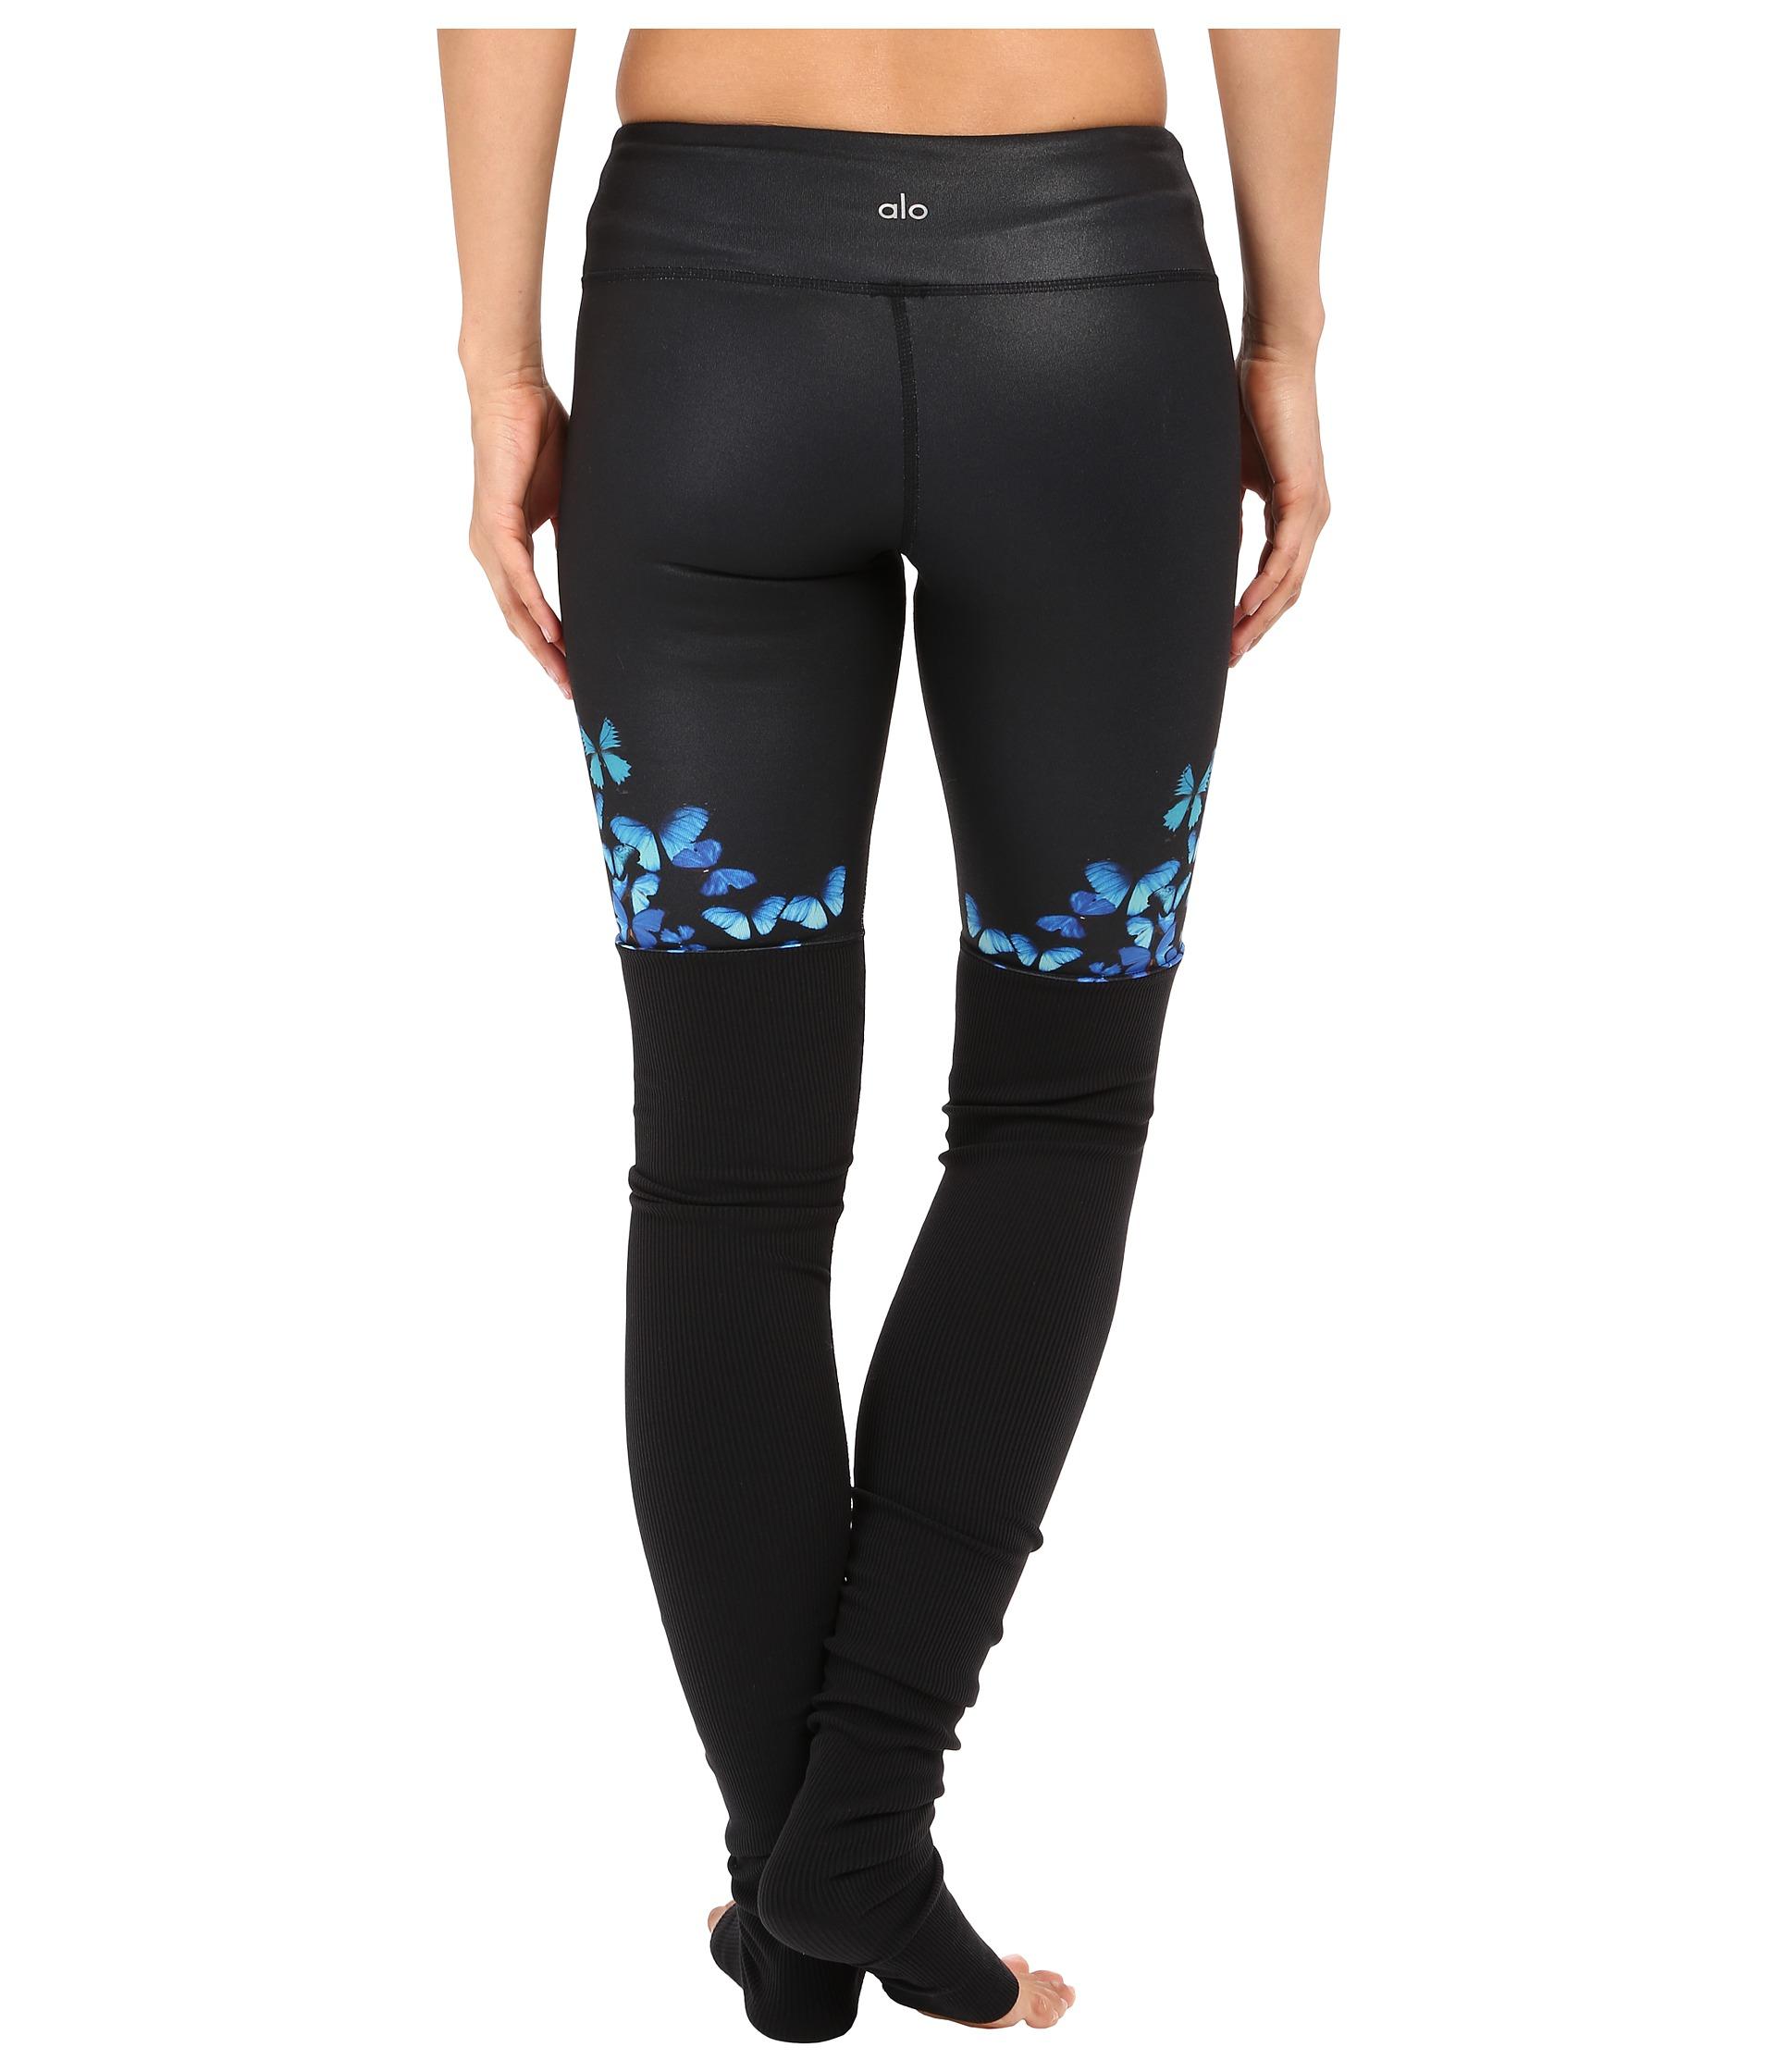 Alo Yoga Gypset Goddess Leggings In Black